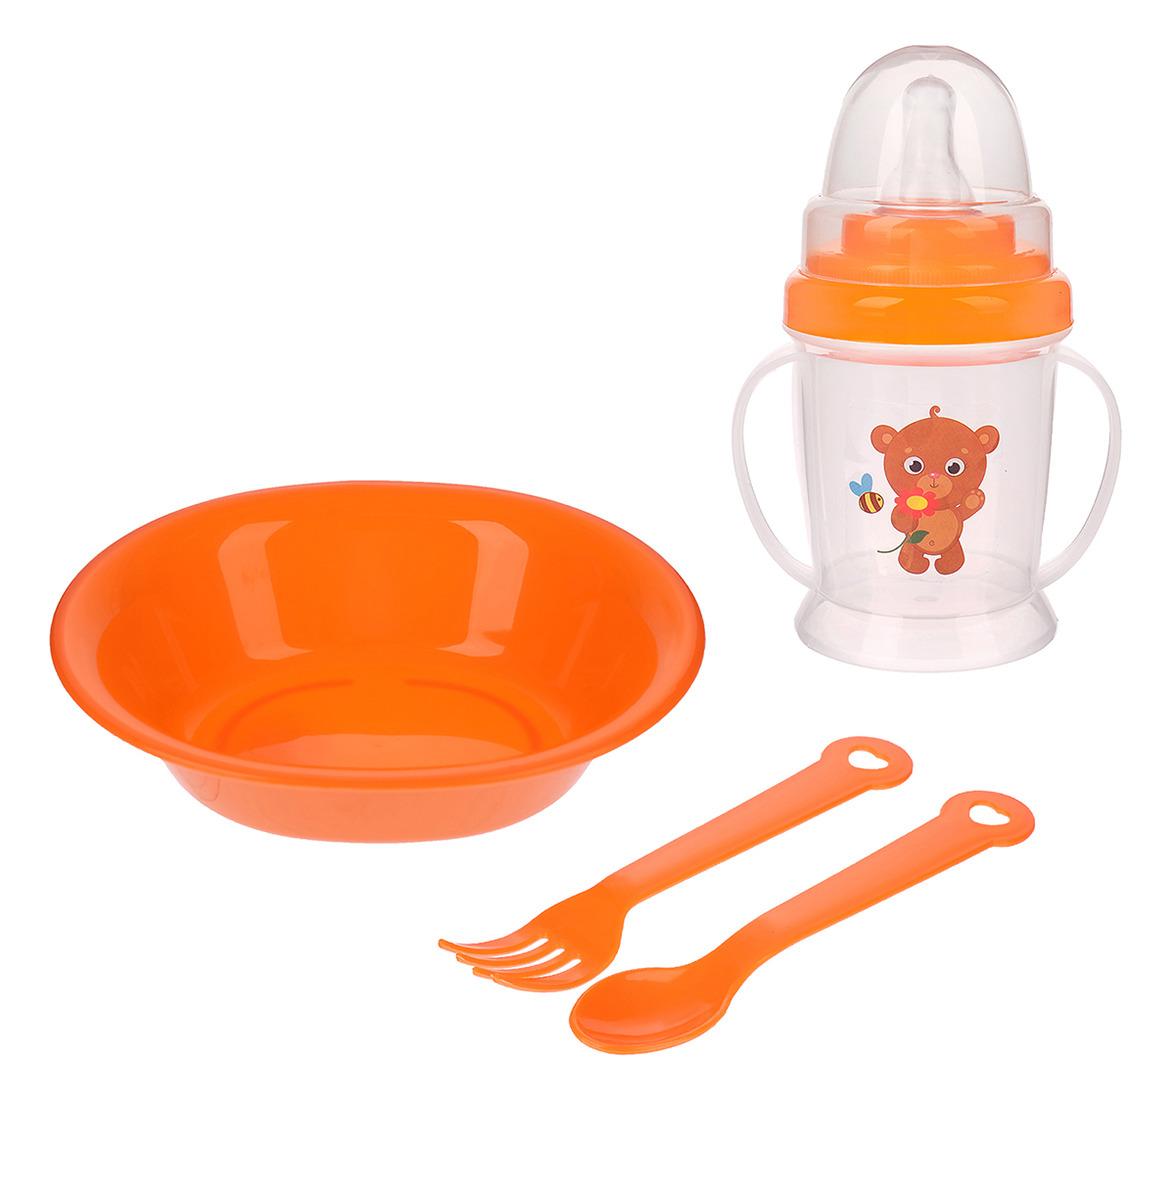 Набор посуды для кормления Крошка Я Мишка, 3275230, 4 предмета набор для кормления крошка я первый подарок малышу 2849357 7 предметов